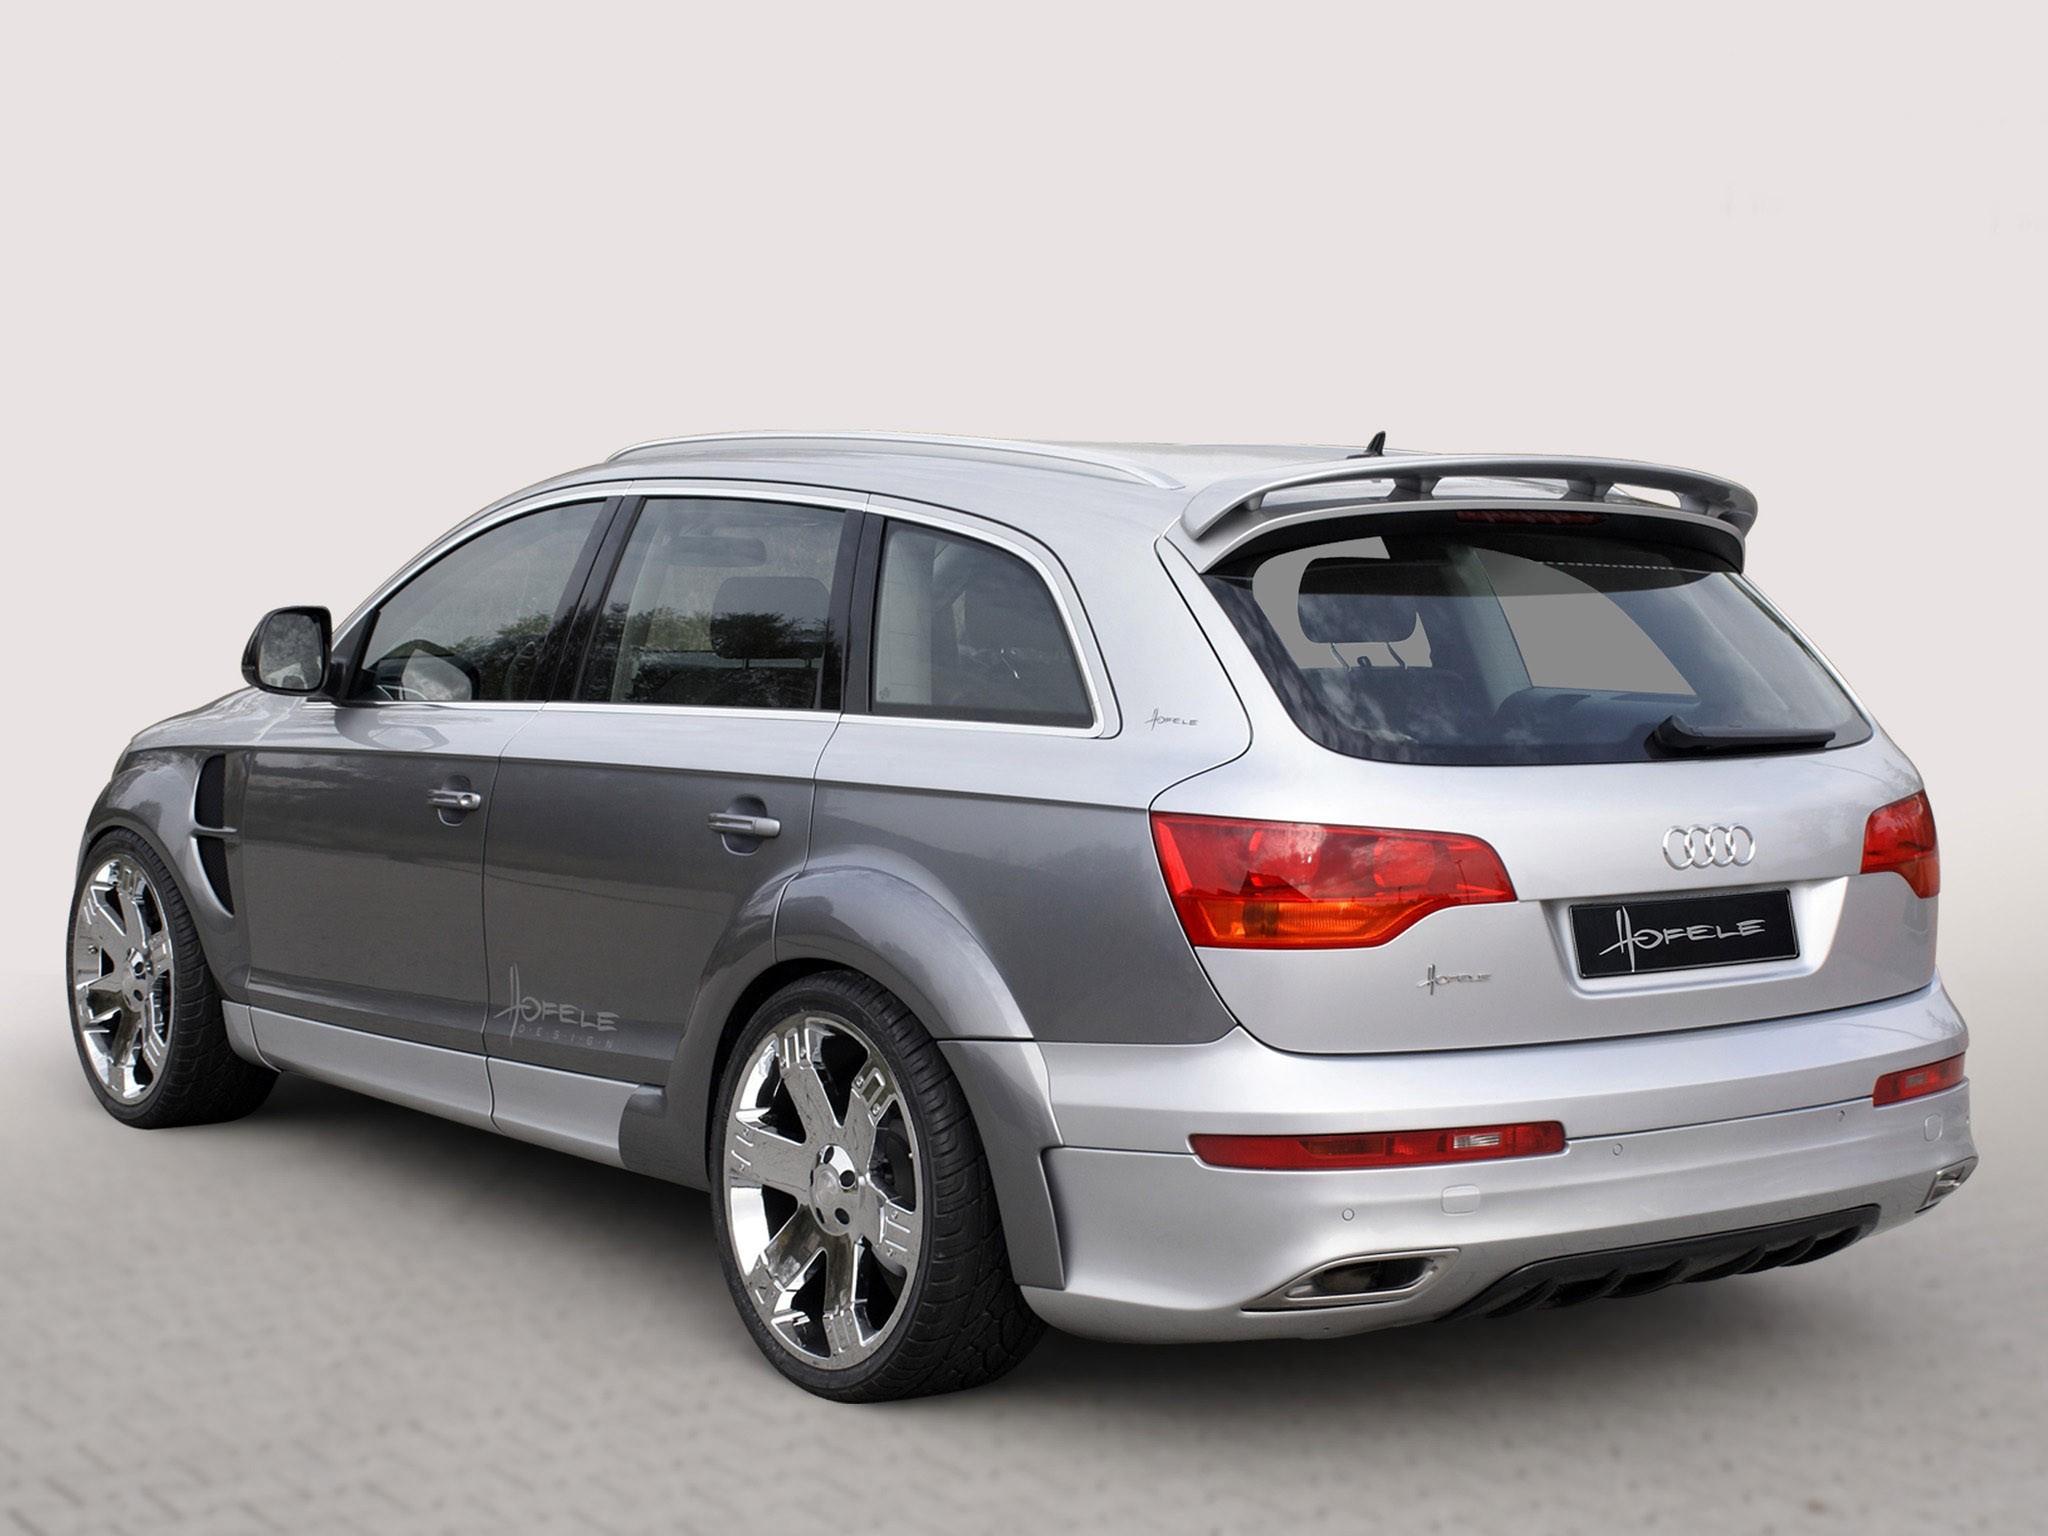 2008 Hofele Design - Audi Q7